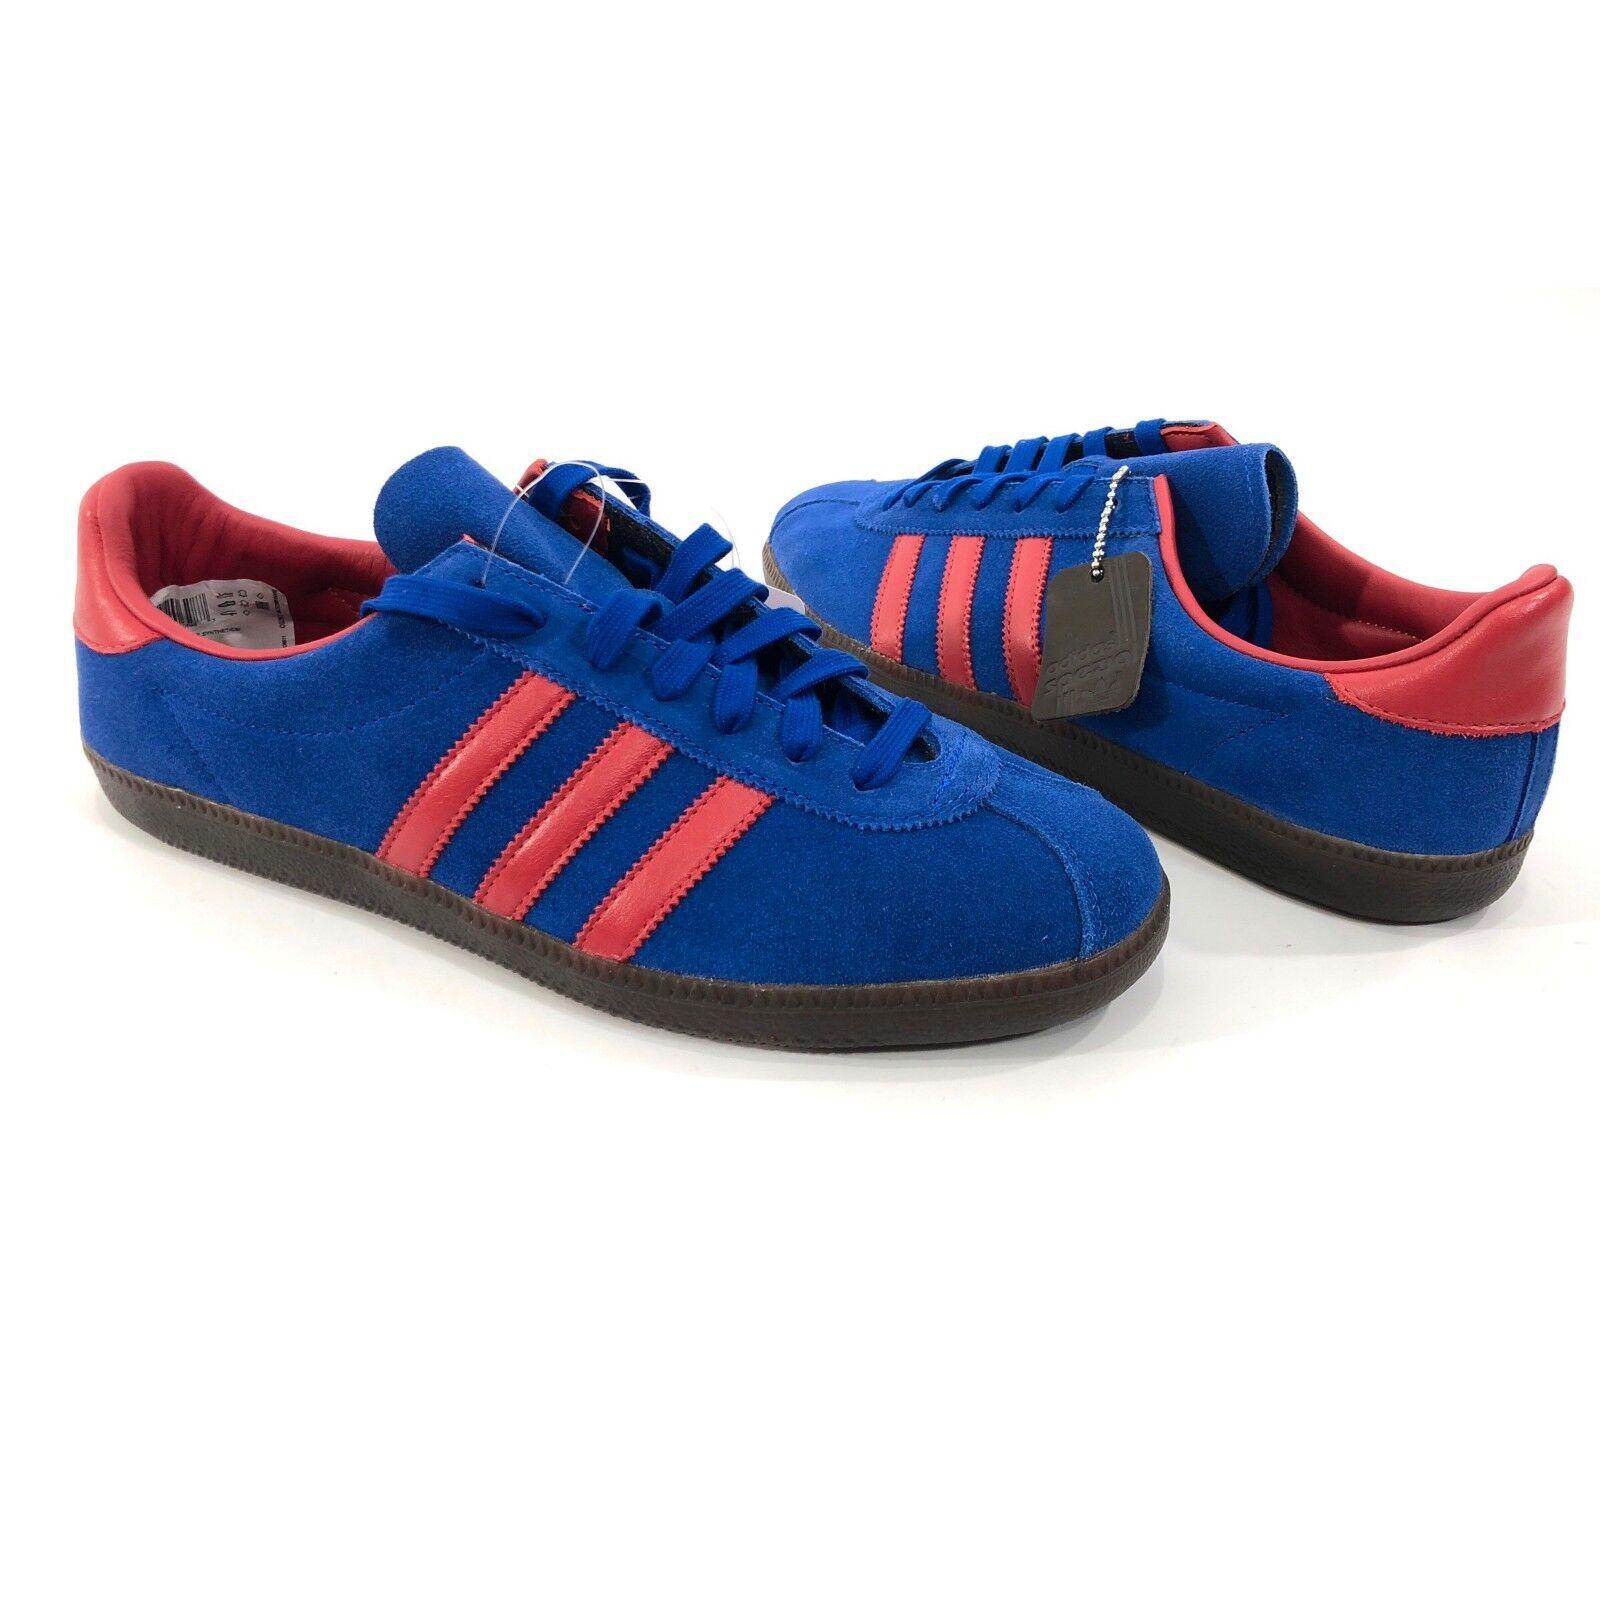 Adidas Spritus SPZL Spezial Men's Sz 10.5 Royal Blue CG2922 / Red Running Shoes CG2922 Blue 98e891